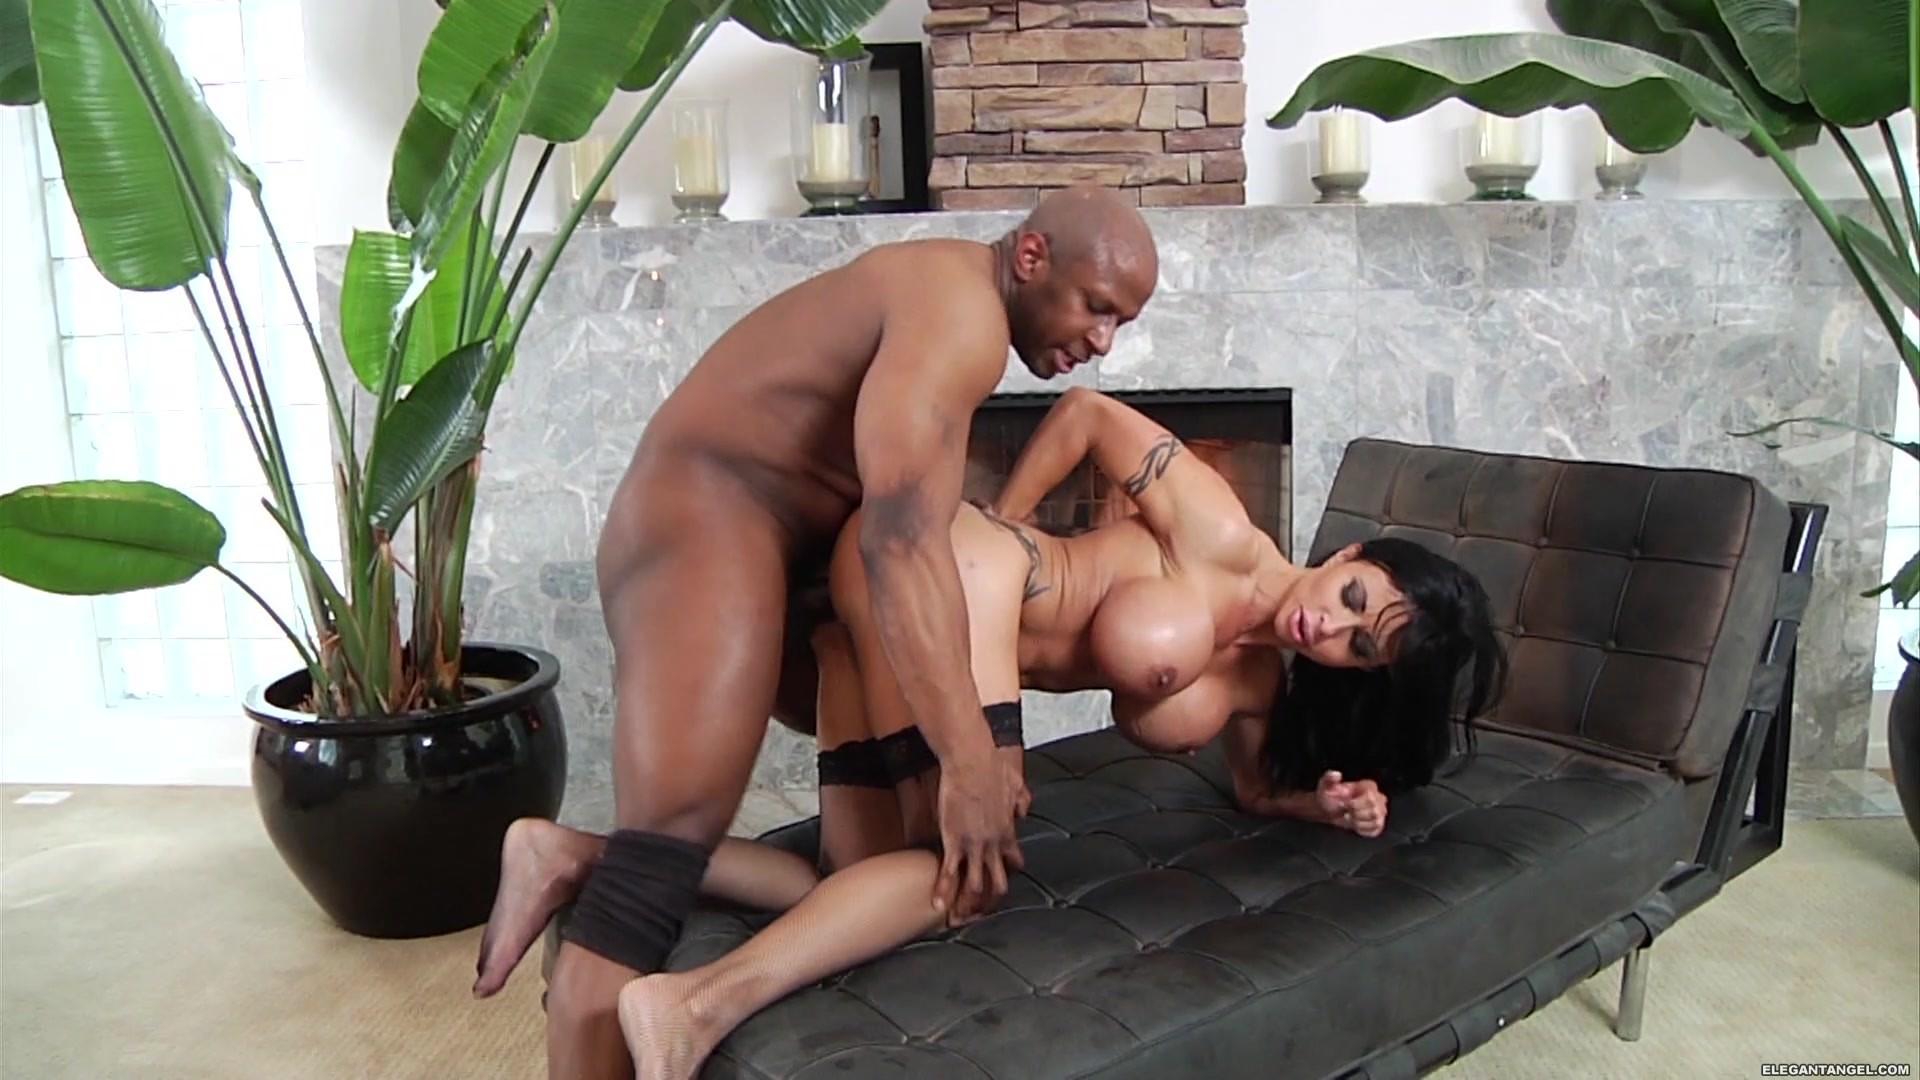 Ks interracial sex